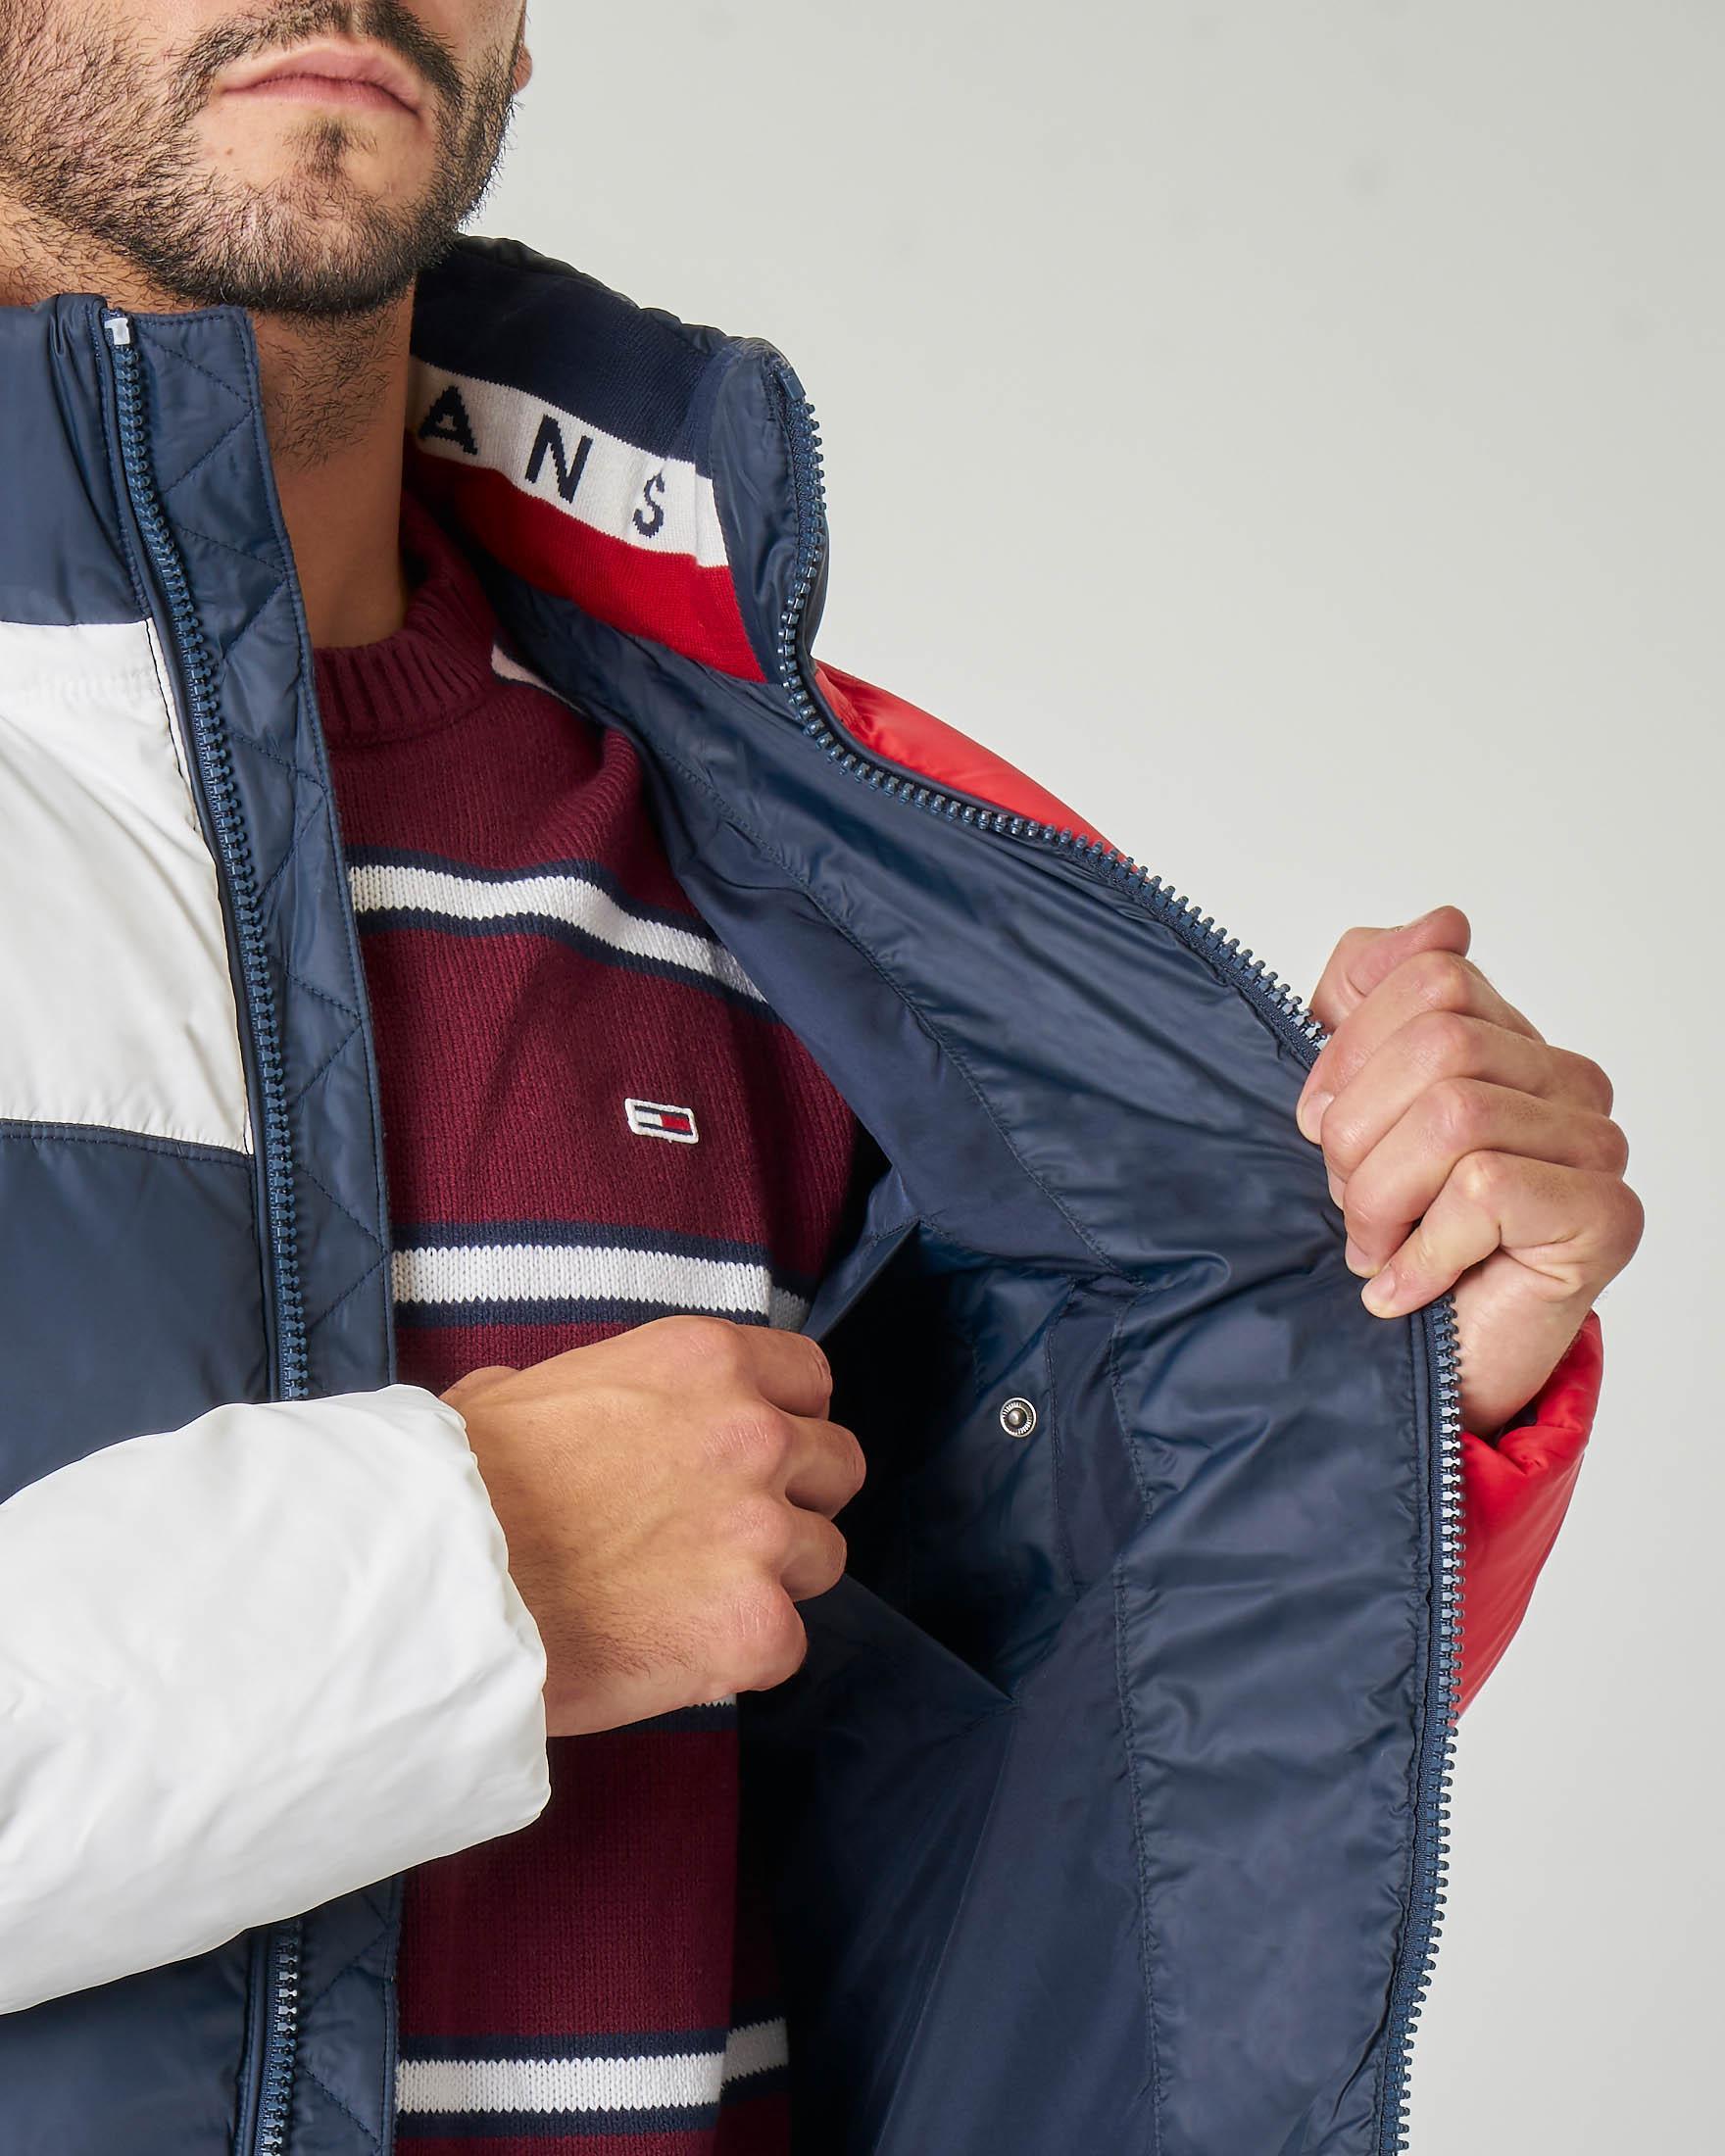 Piumino blu bianco e rosso con cappuccio staccabile | Pellizzari E commerce